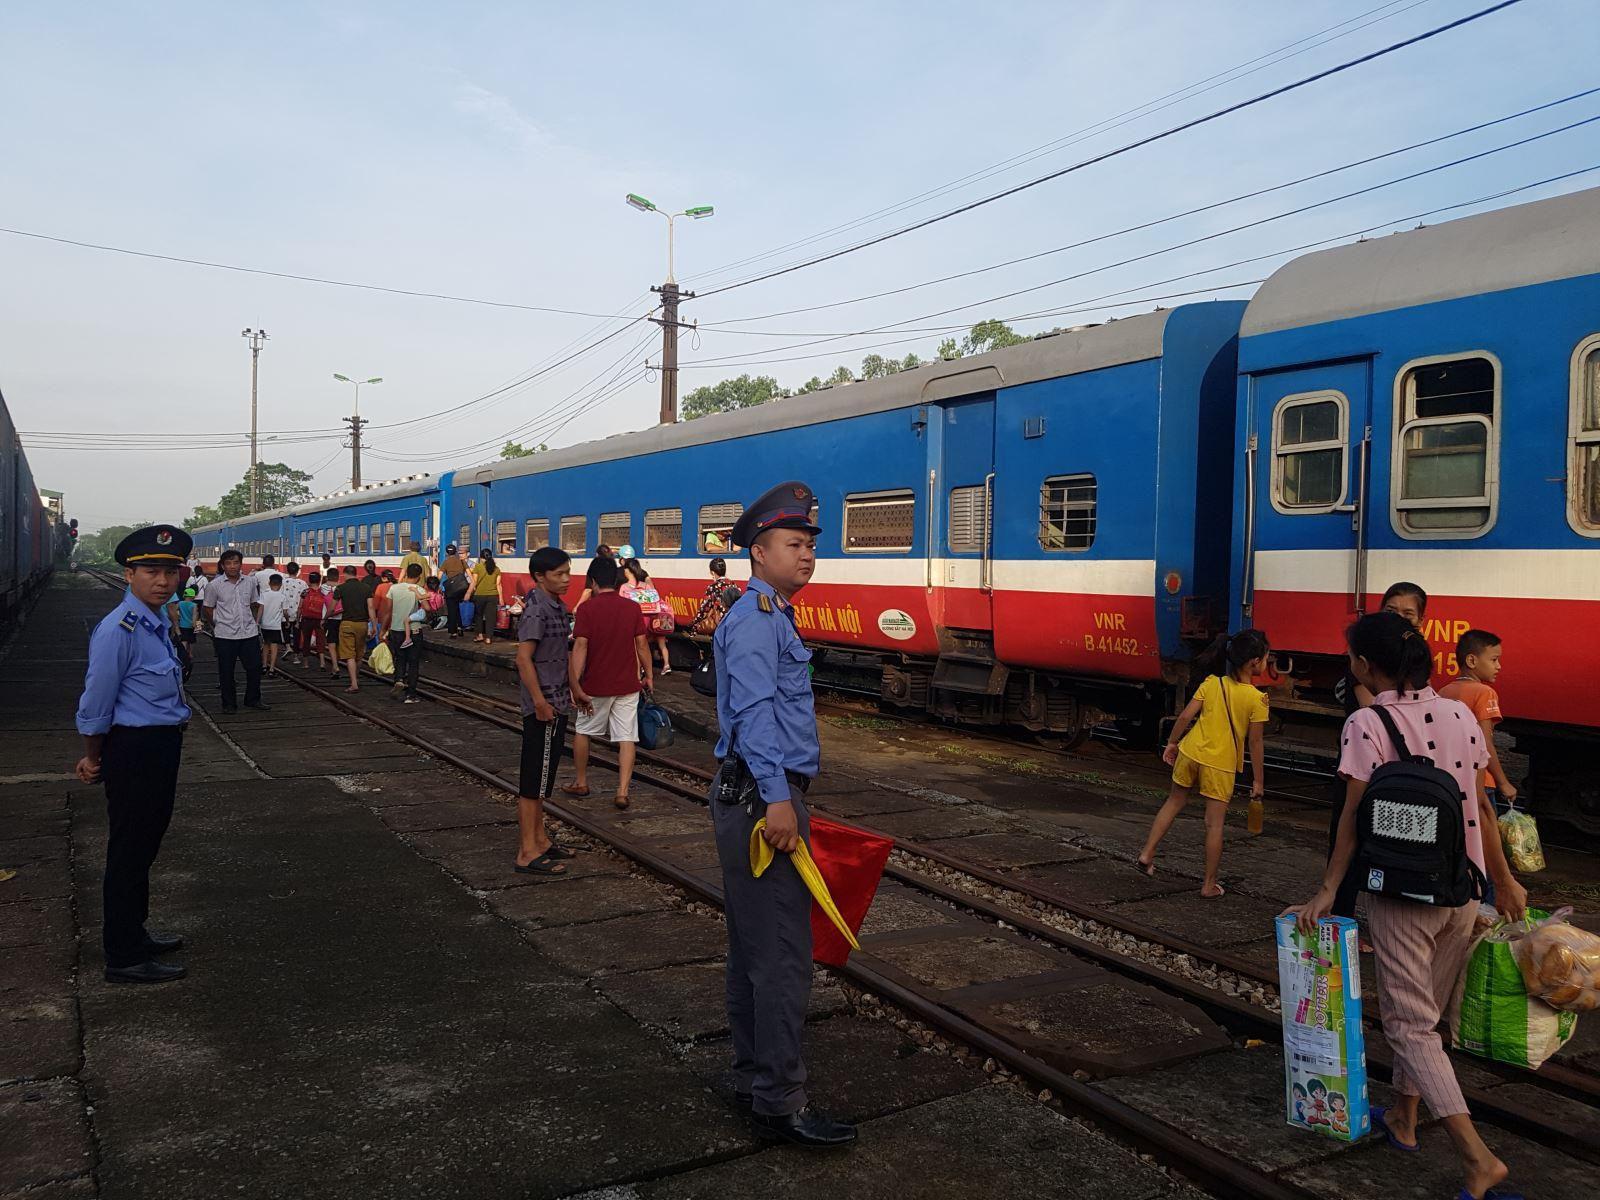 Đường sắt tăng cường 55 đoàn tàu khách phục vụ dịp nghỉ lễ 30/4 - 1/5 Ảnh 1